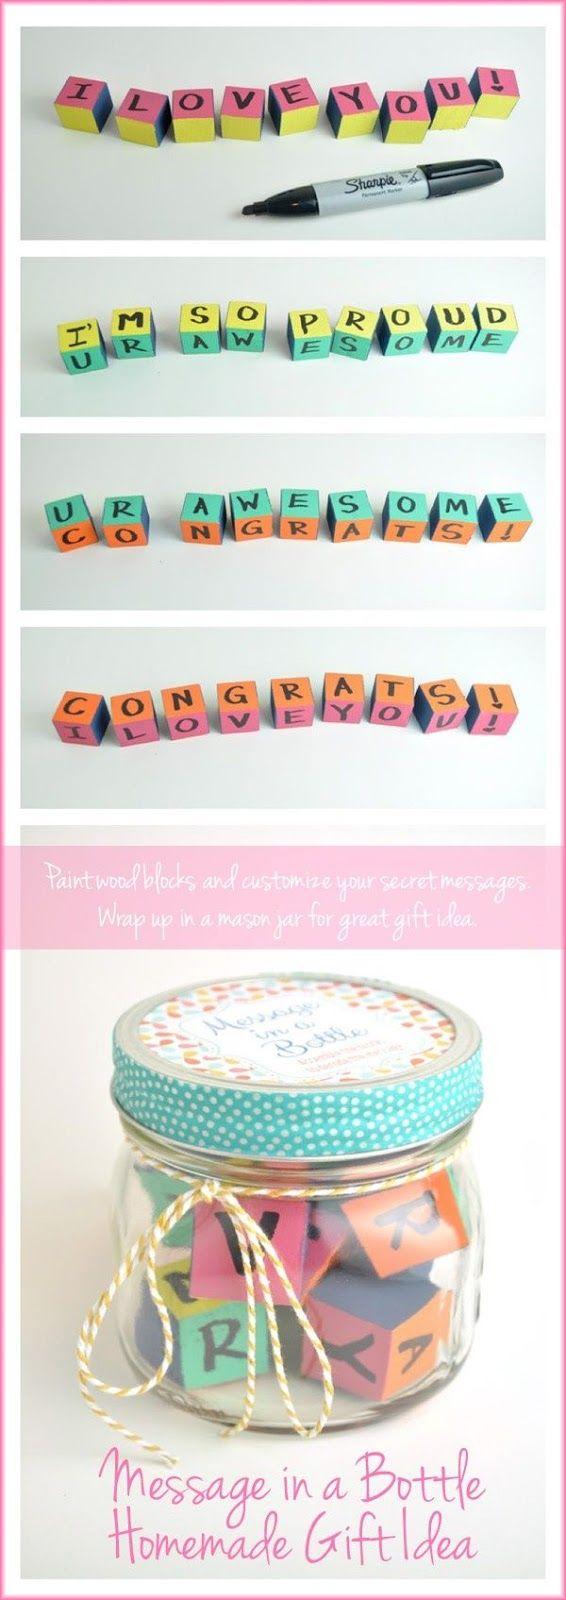 Mis mil y un... | Ideas, belleza, maquillaje y cosas bonitas: 20 ideas DIY de regalos MUCHO MÁS QUE originales (y baratos) que querrás quedarte para tí